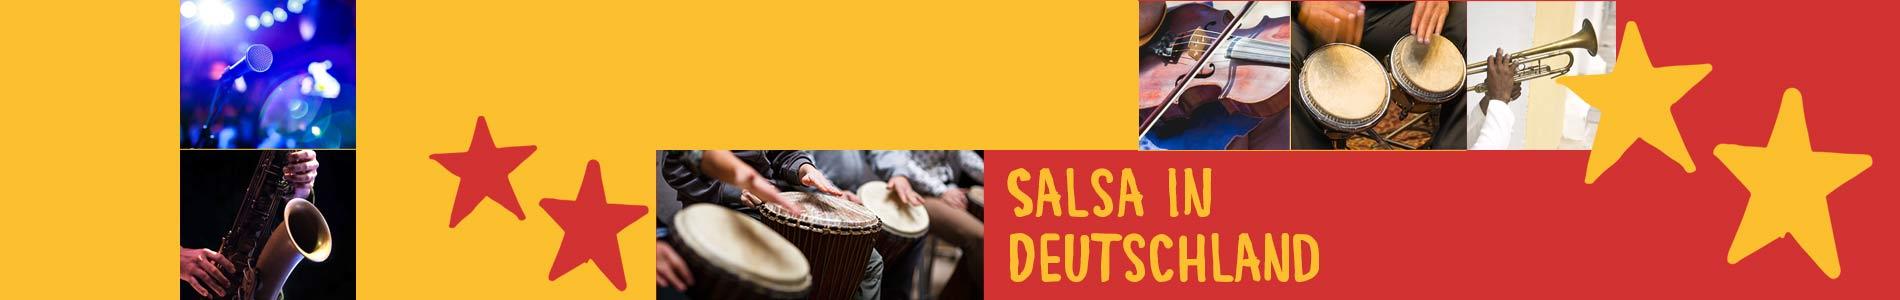 Salsa in Dellfeld – Salsa lernen und tanzen, Tanzkurse, Partys, Veranstaltungen